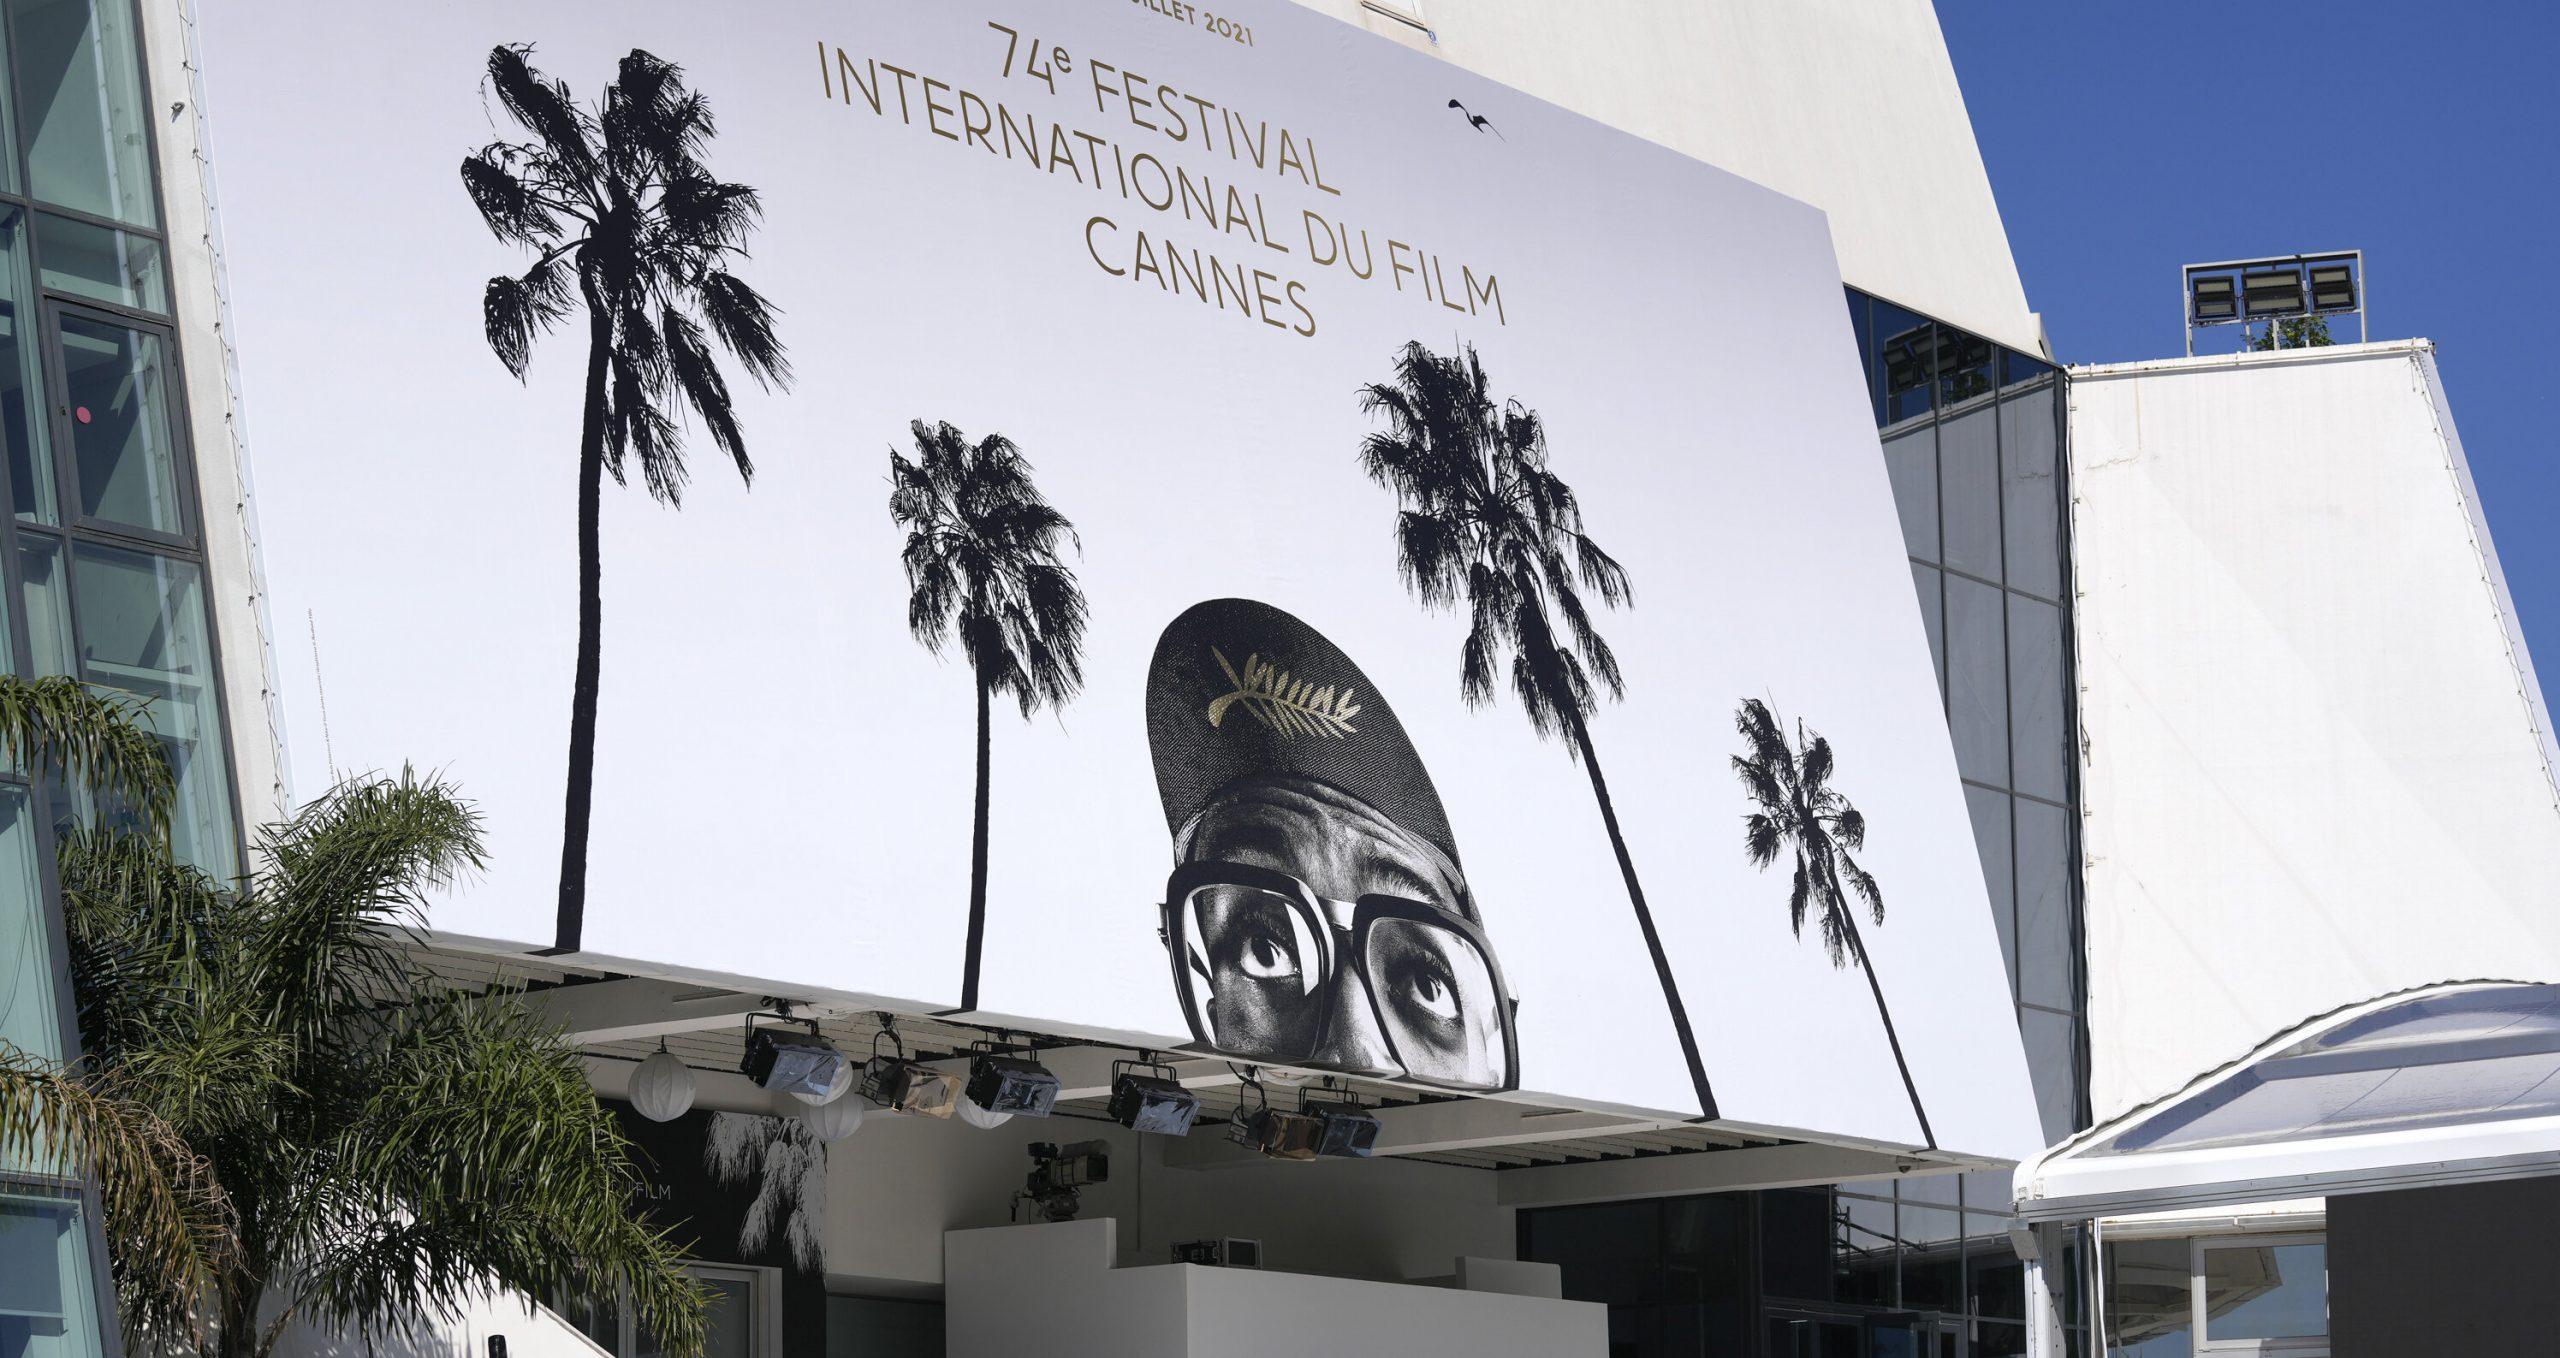 Festivalul de Film de la Cannes  Cinci filme românești sunt în competiție